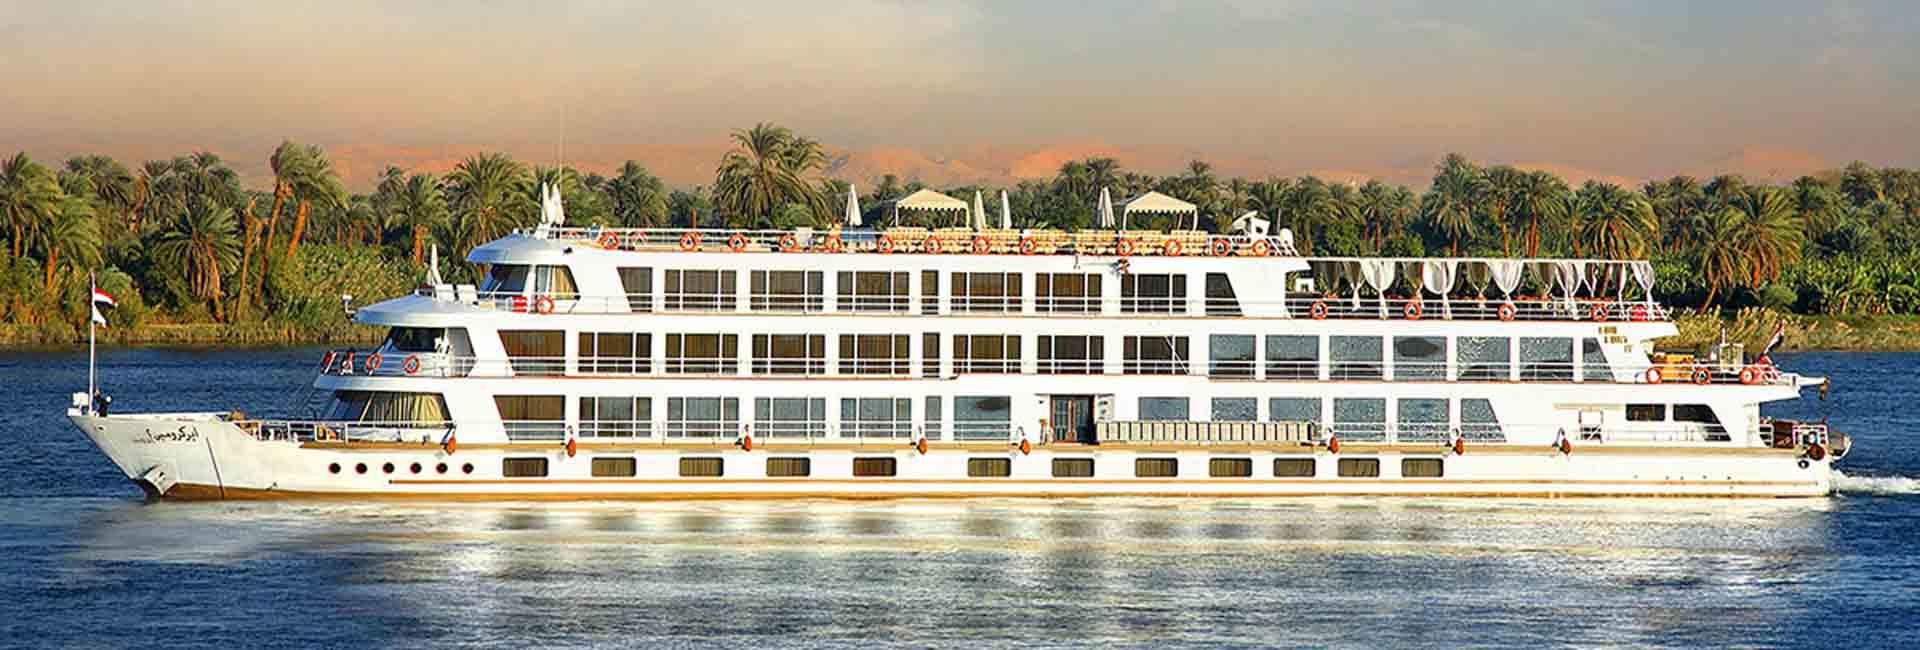 Sanctuary Sun Boat IV Nile Cruise